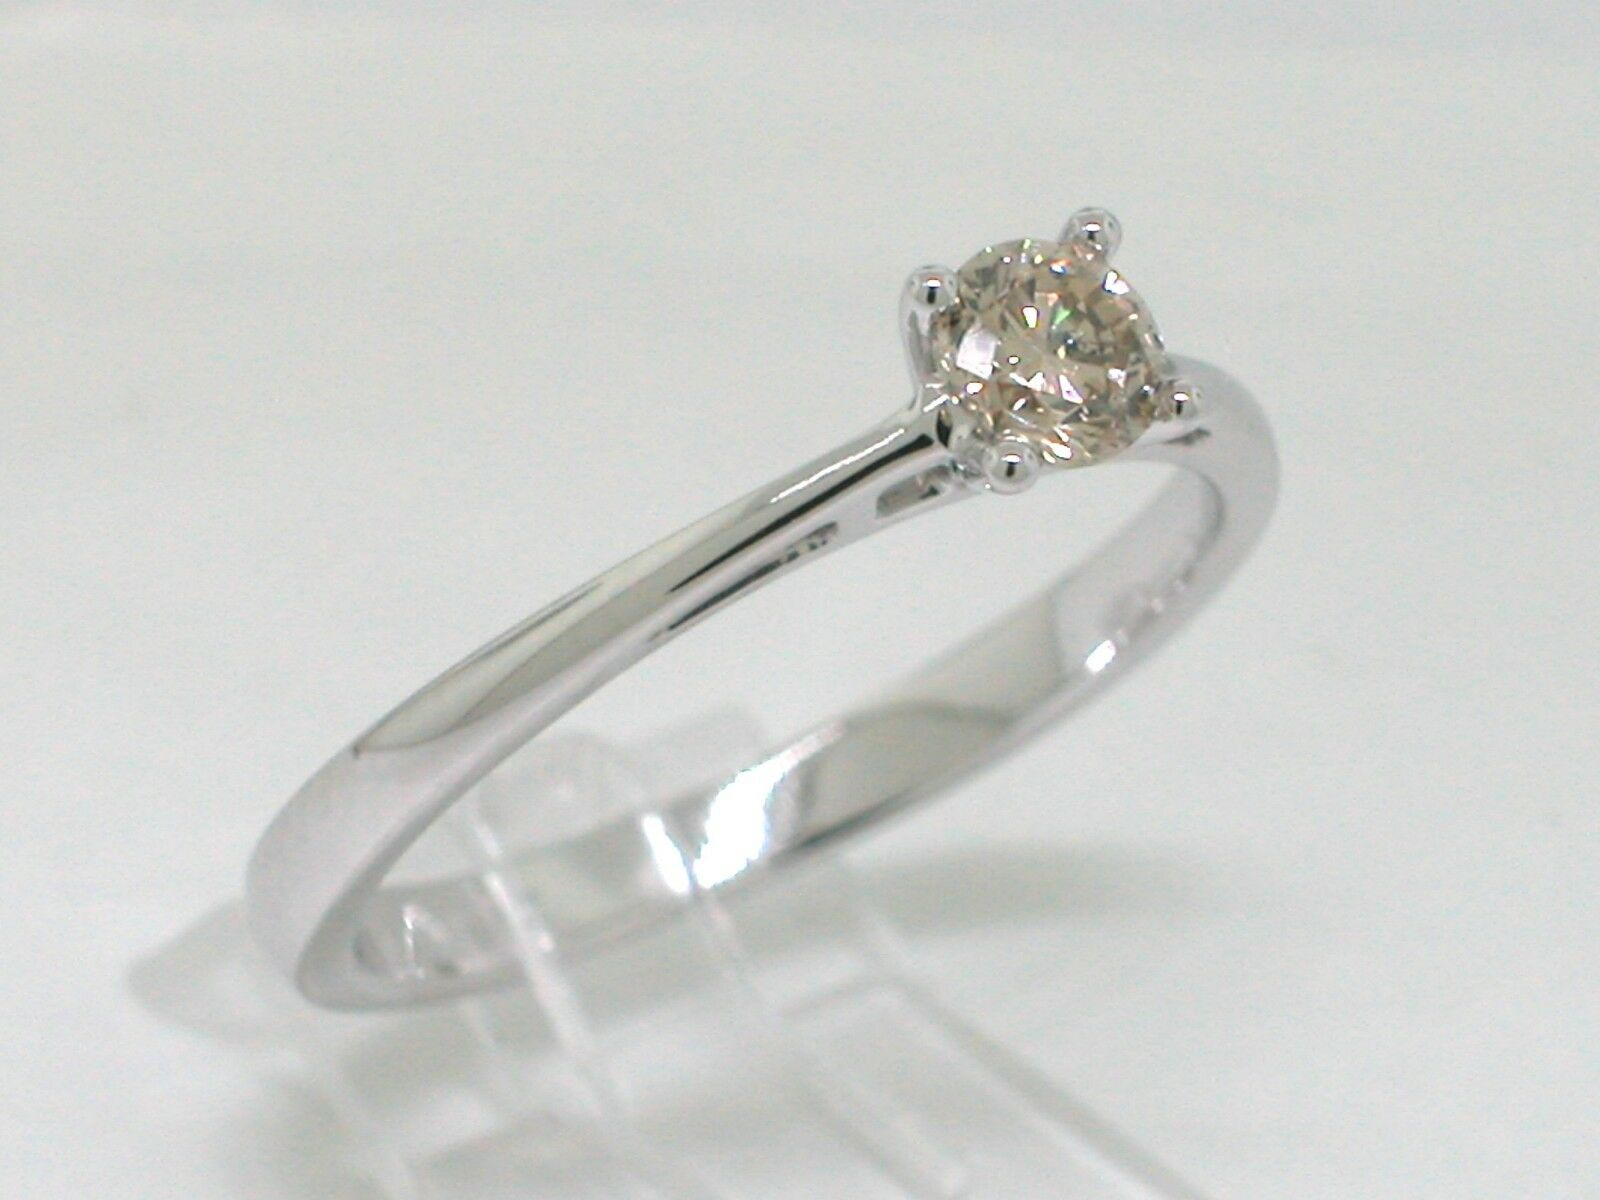 Solitario Brillante Anello 585 585 585 oro BIANCO 14kt oro 1 brillante 0 25ct Anello di fidanzamento 38bc07